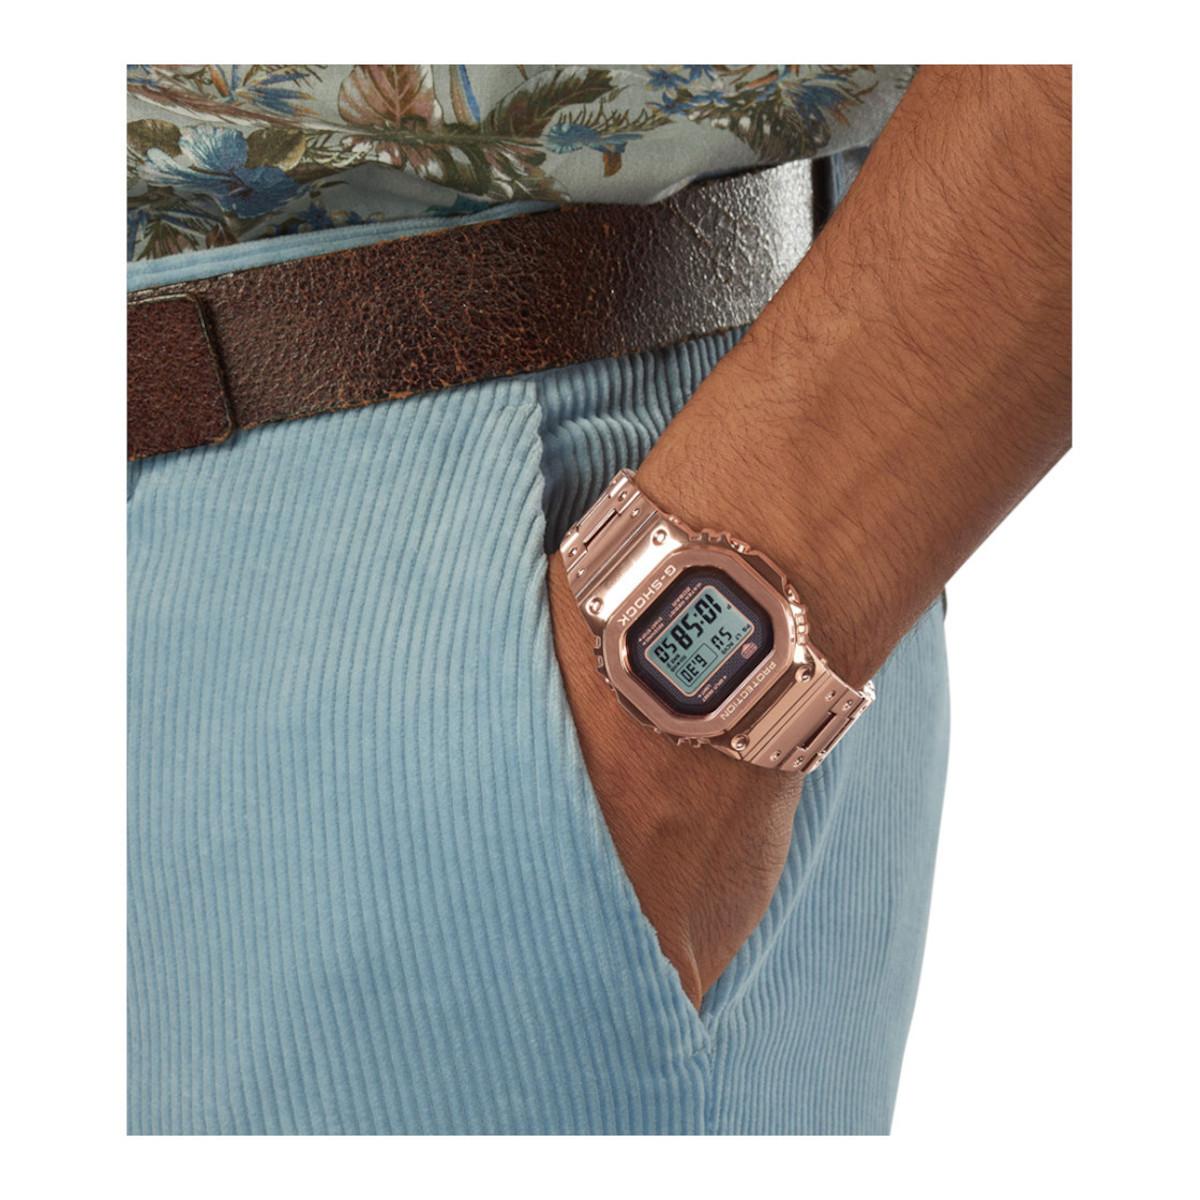 G-Shock Limited Edition Full Metal Case horloge GMW-B5000GD-4ER